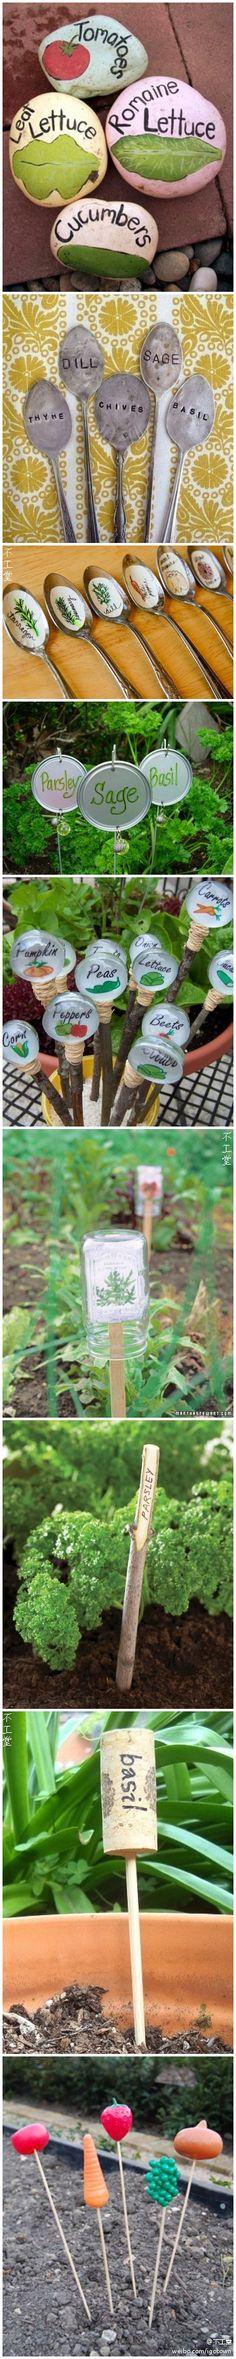 những vật trang trí bạn có thể tự làm cho sân vườn của mình